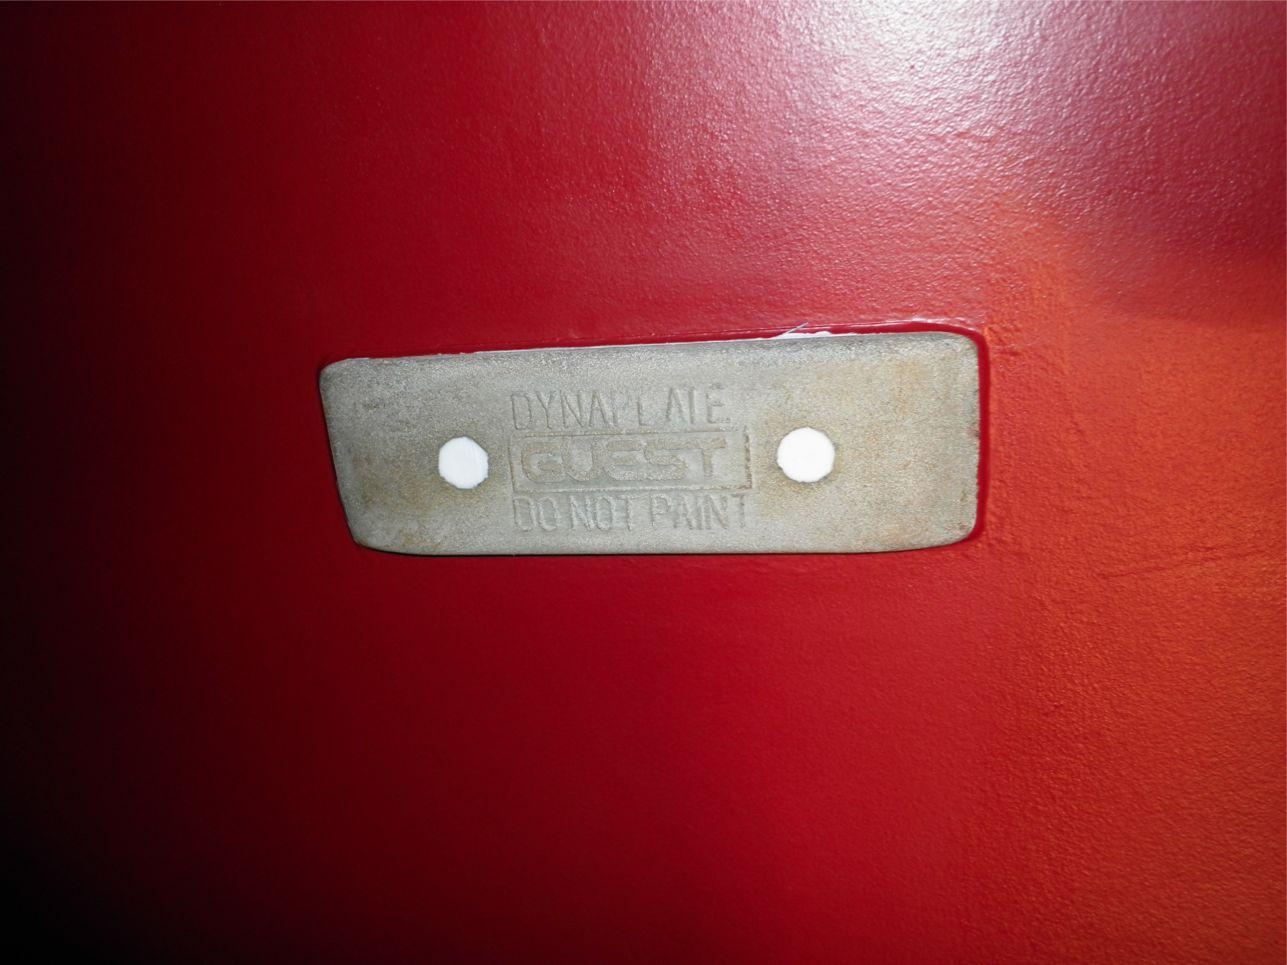 船底整備のすべて⑬ ハル 船底塗料033赤 塗装後_a0051924_22351499.jpg